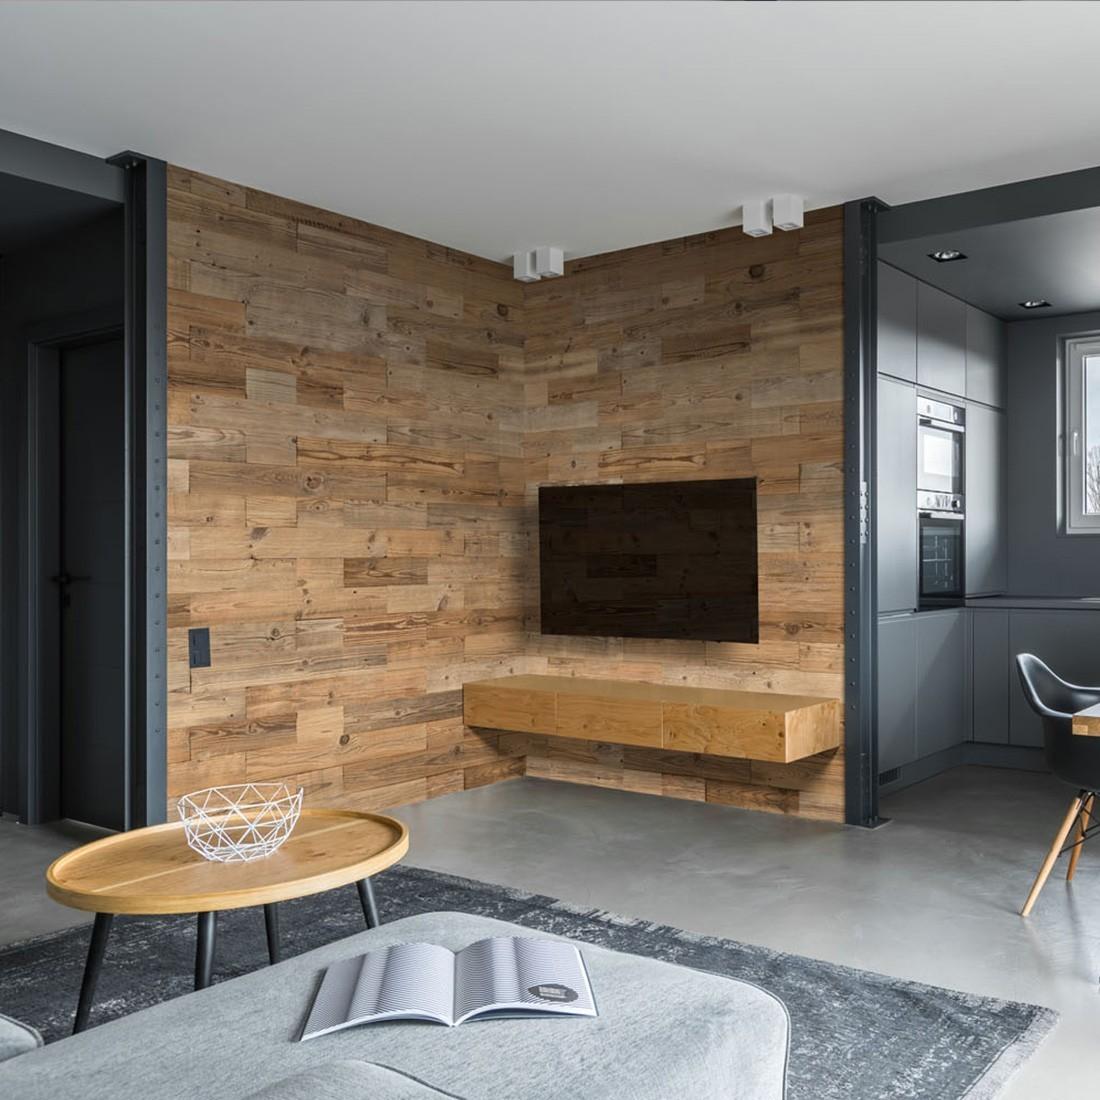 Idee Deco Pierre De Parement Interieur panneau mural bois nature : parement bois mural